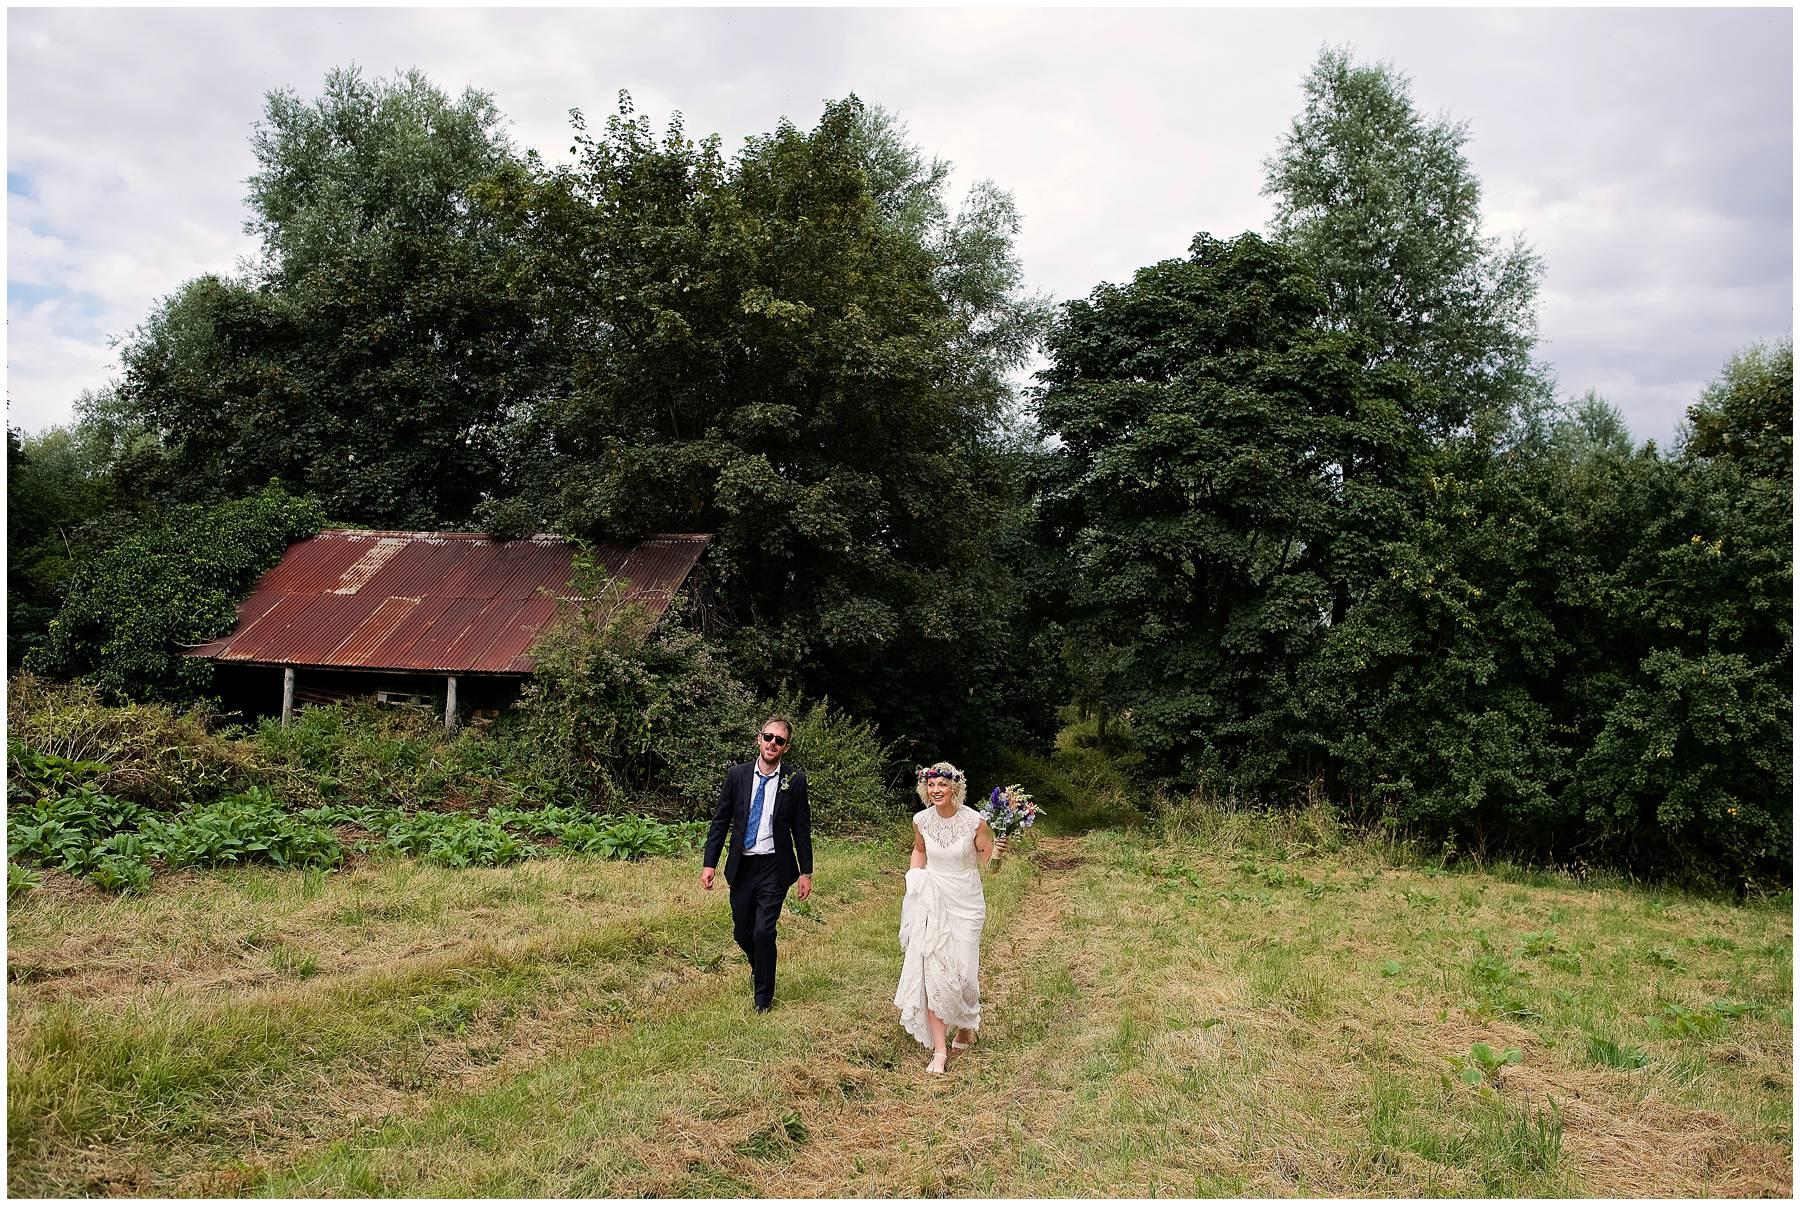 Outdoor wedding in Essex